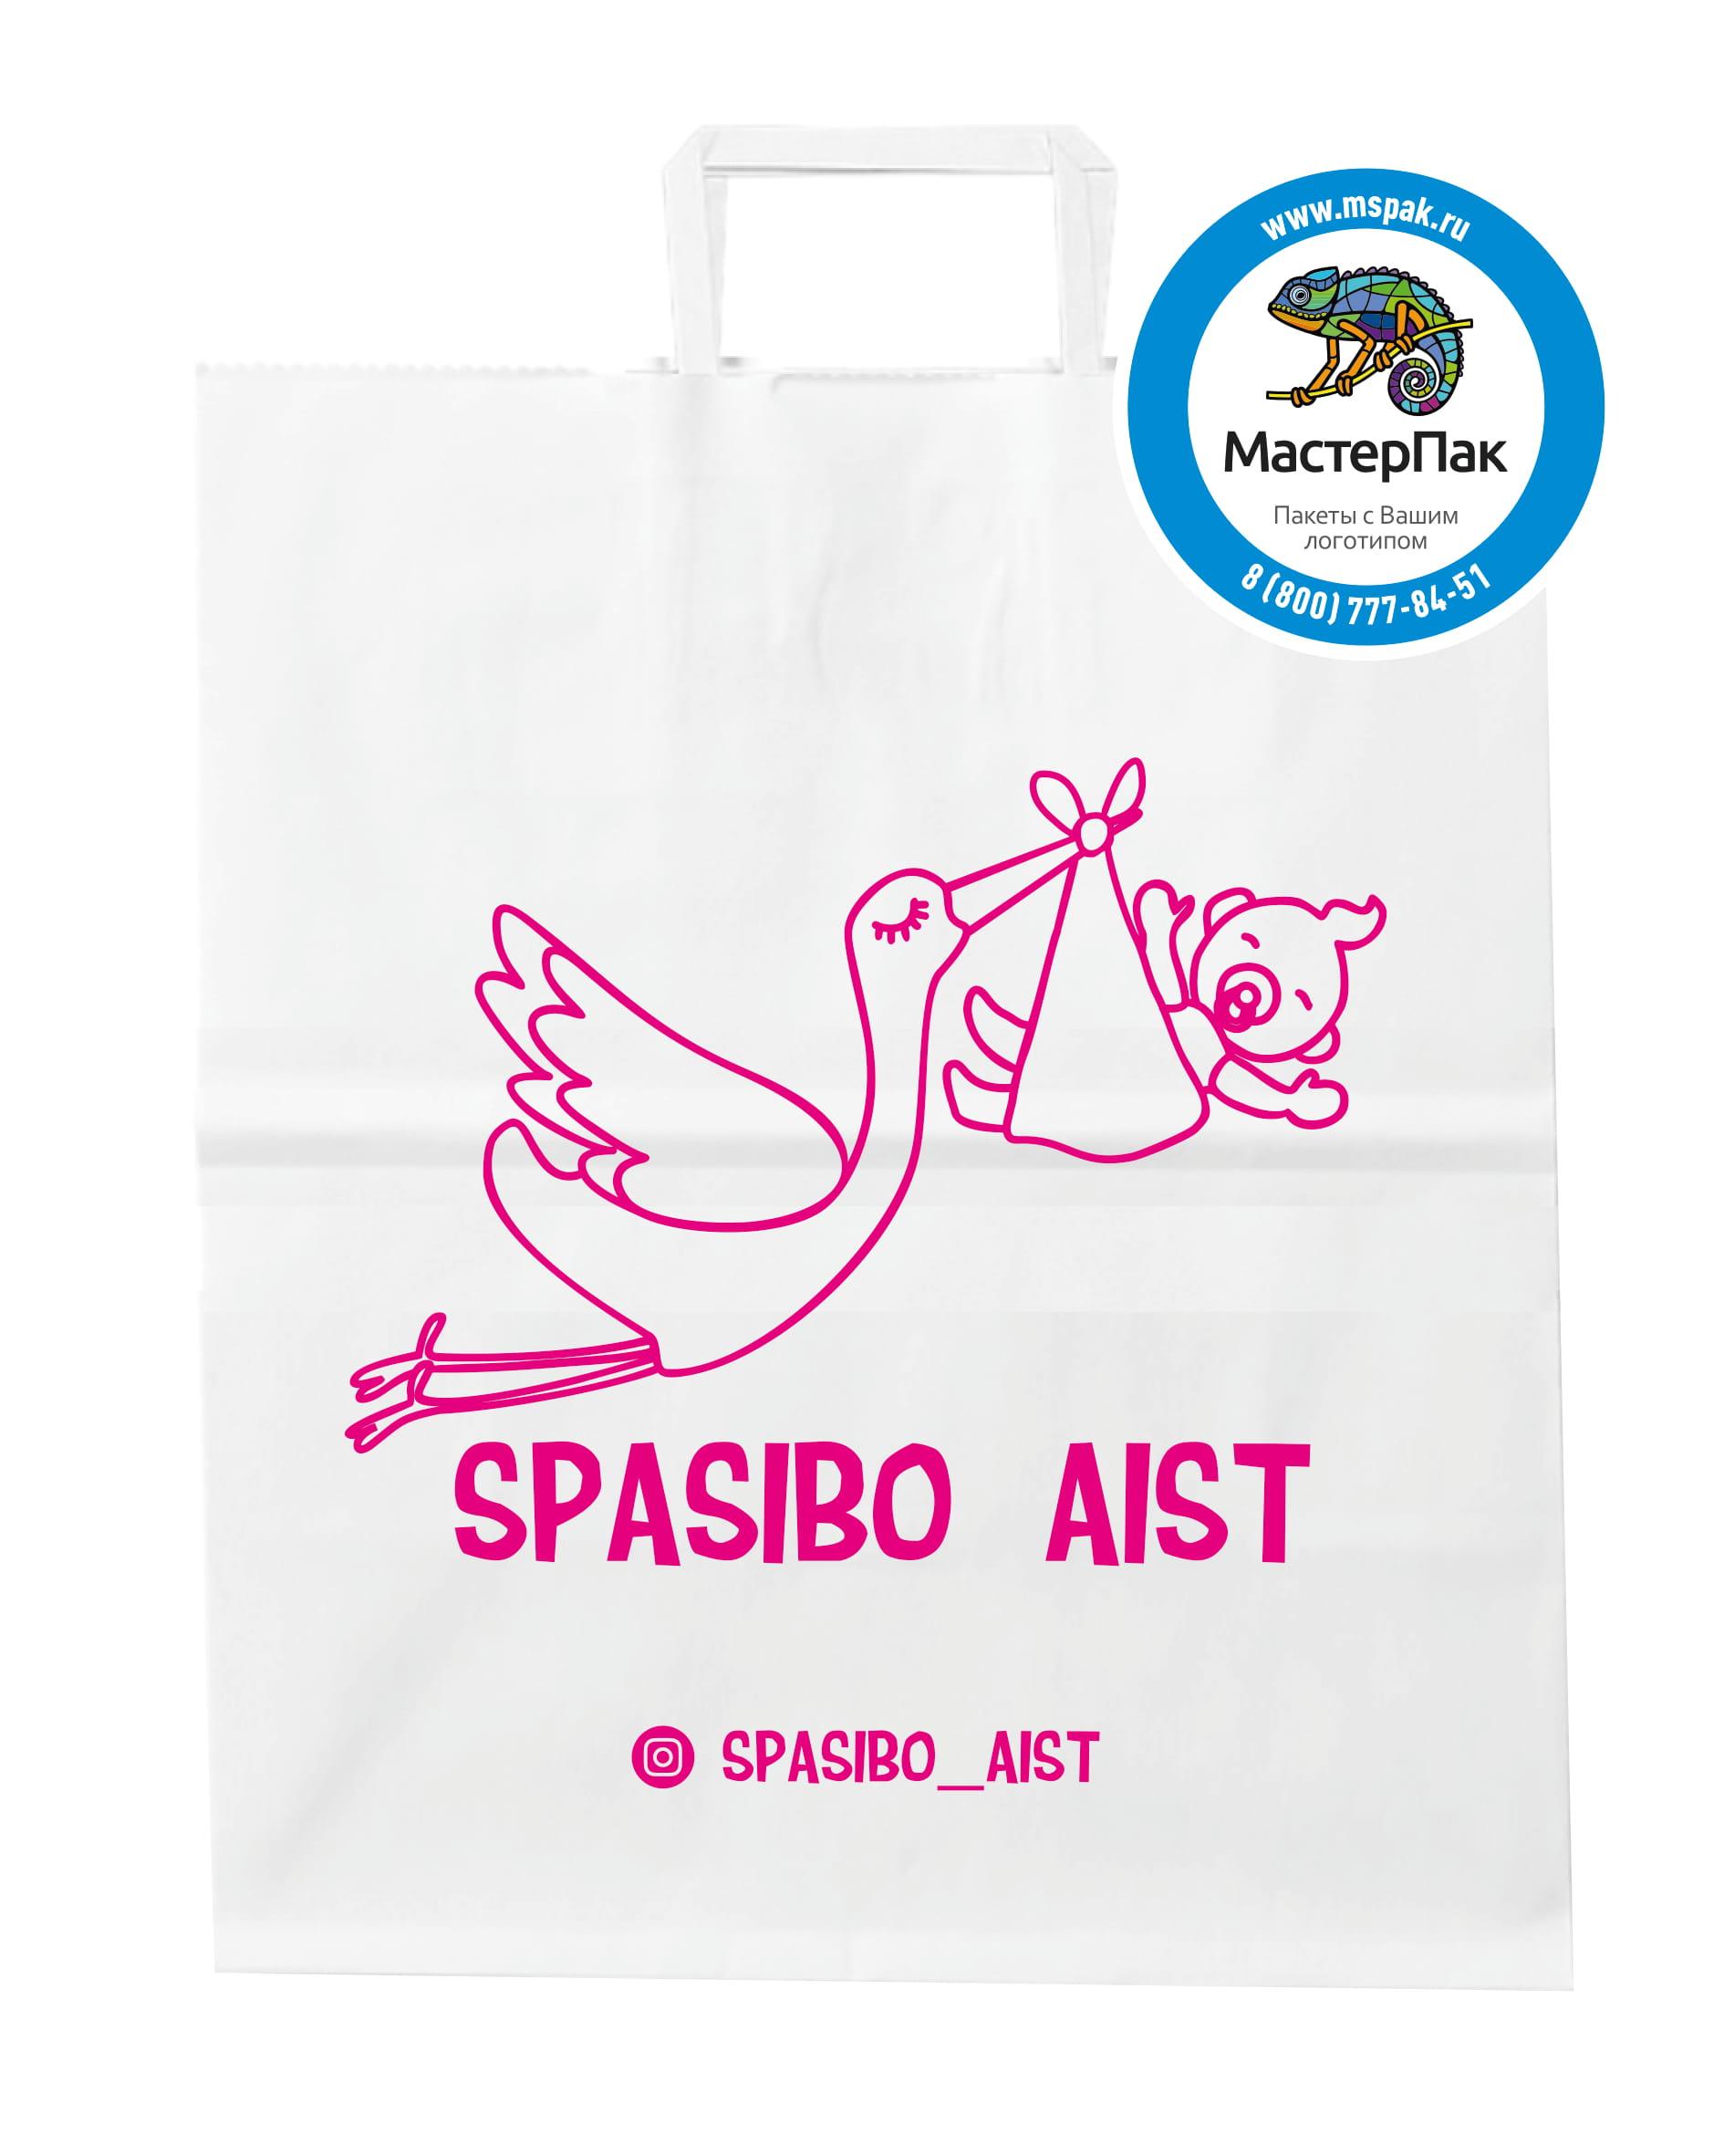 Пакет крафт, бумажный с логотипом Spasibo Aist, Мурманск, 24*28 см